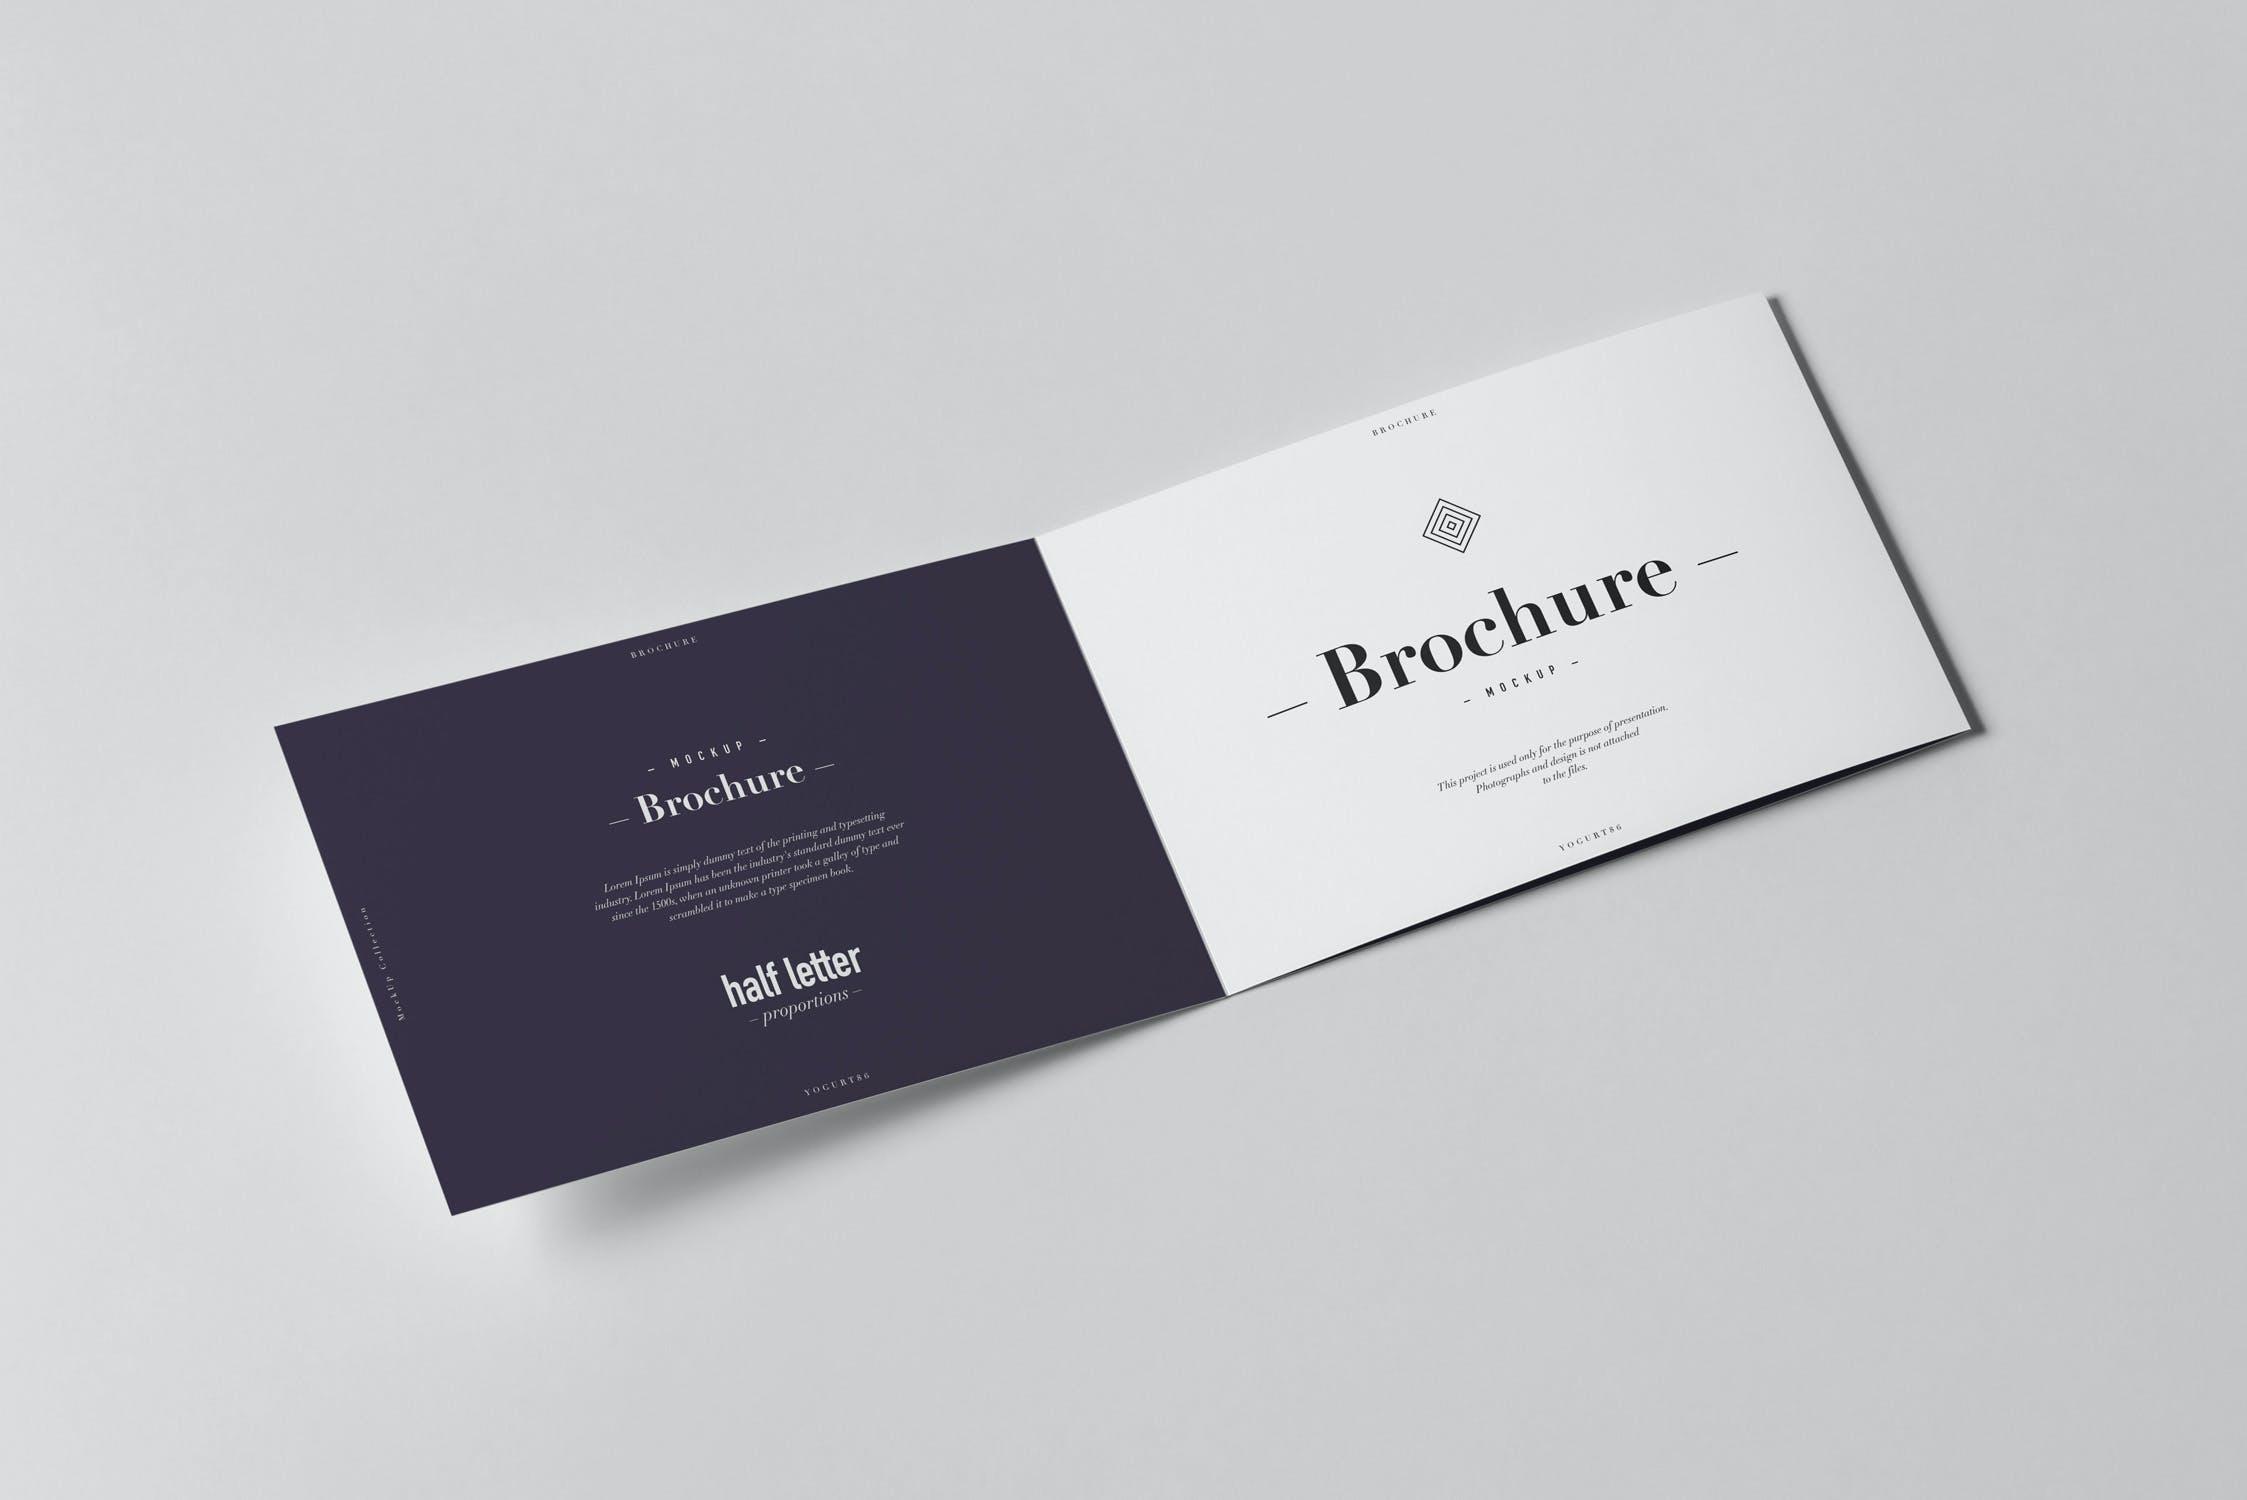 9款横版三折页小册子设计展示样机模板 Tri-Fold Half Letter Horizontal Brochure Mockup插图(2)